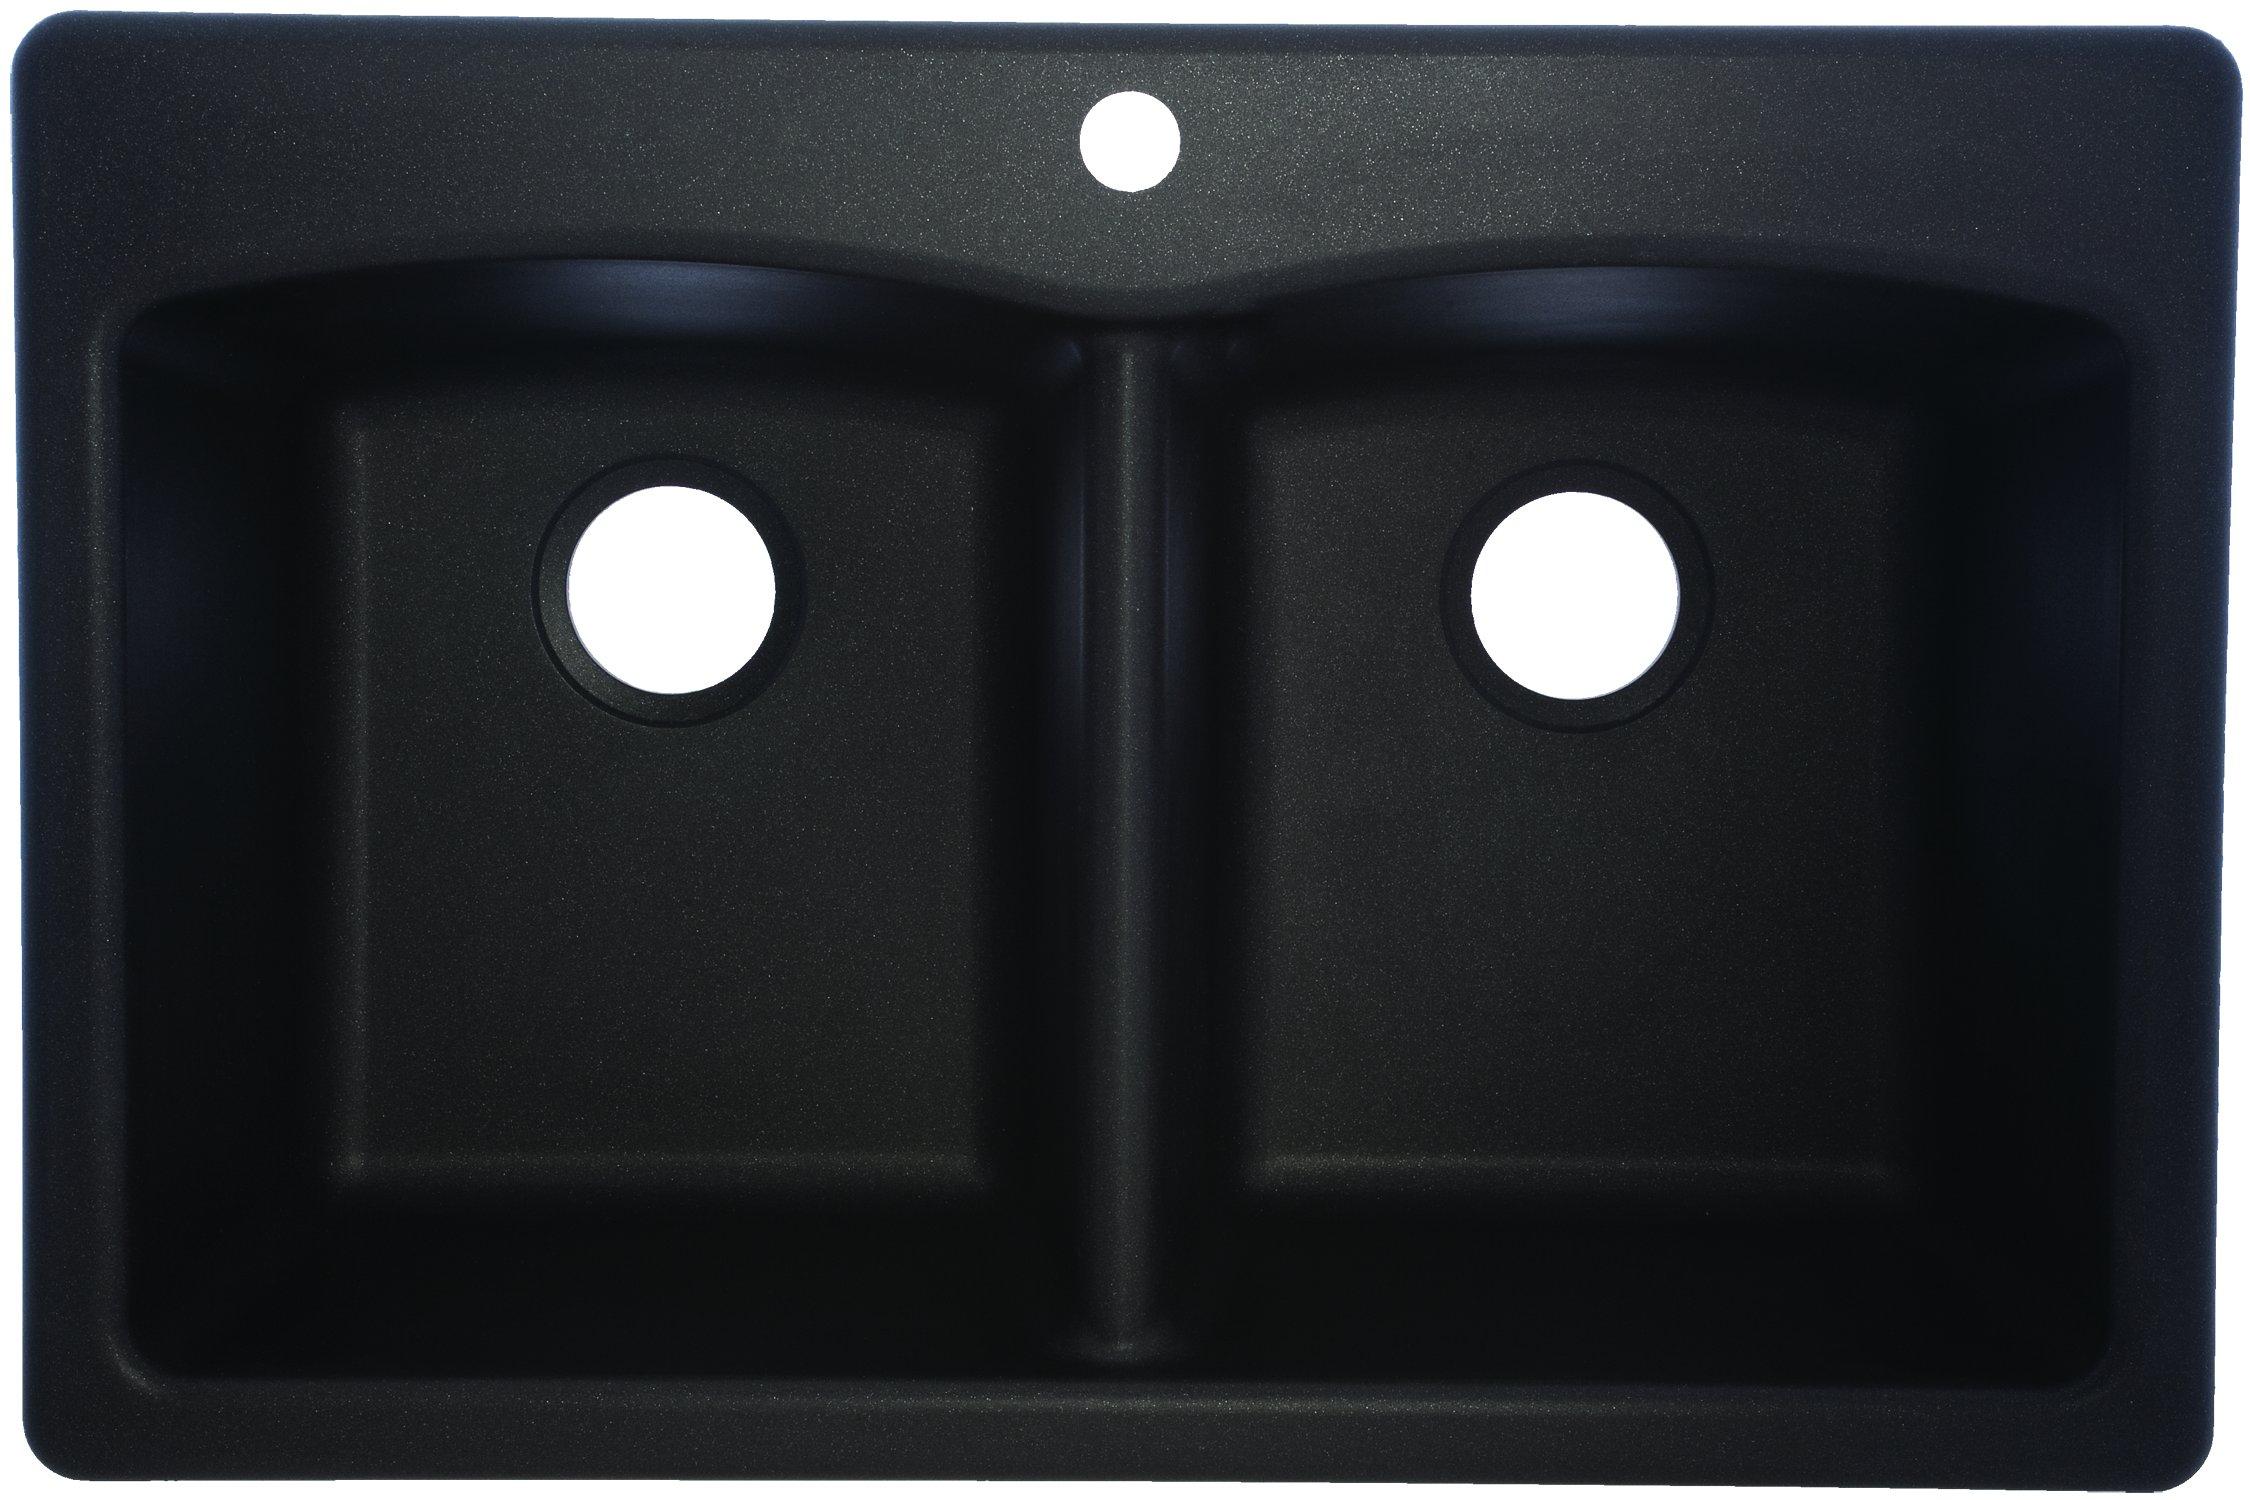 Franke EDOX33229-1 Sink, 33'' x 22'' x 9'' deep, Onyx by FRANKE